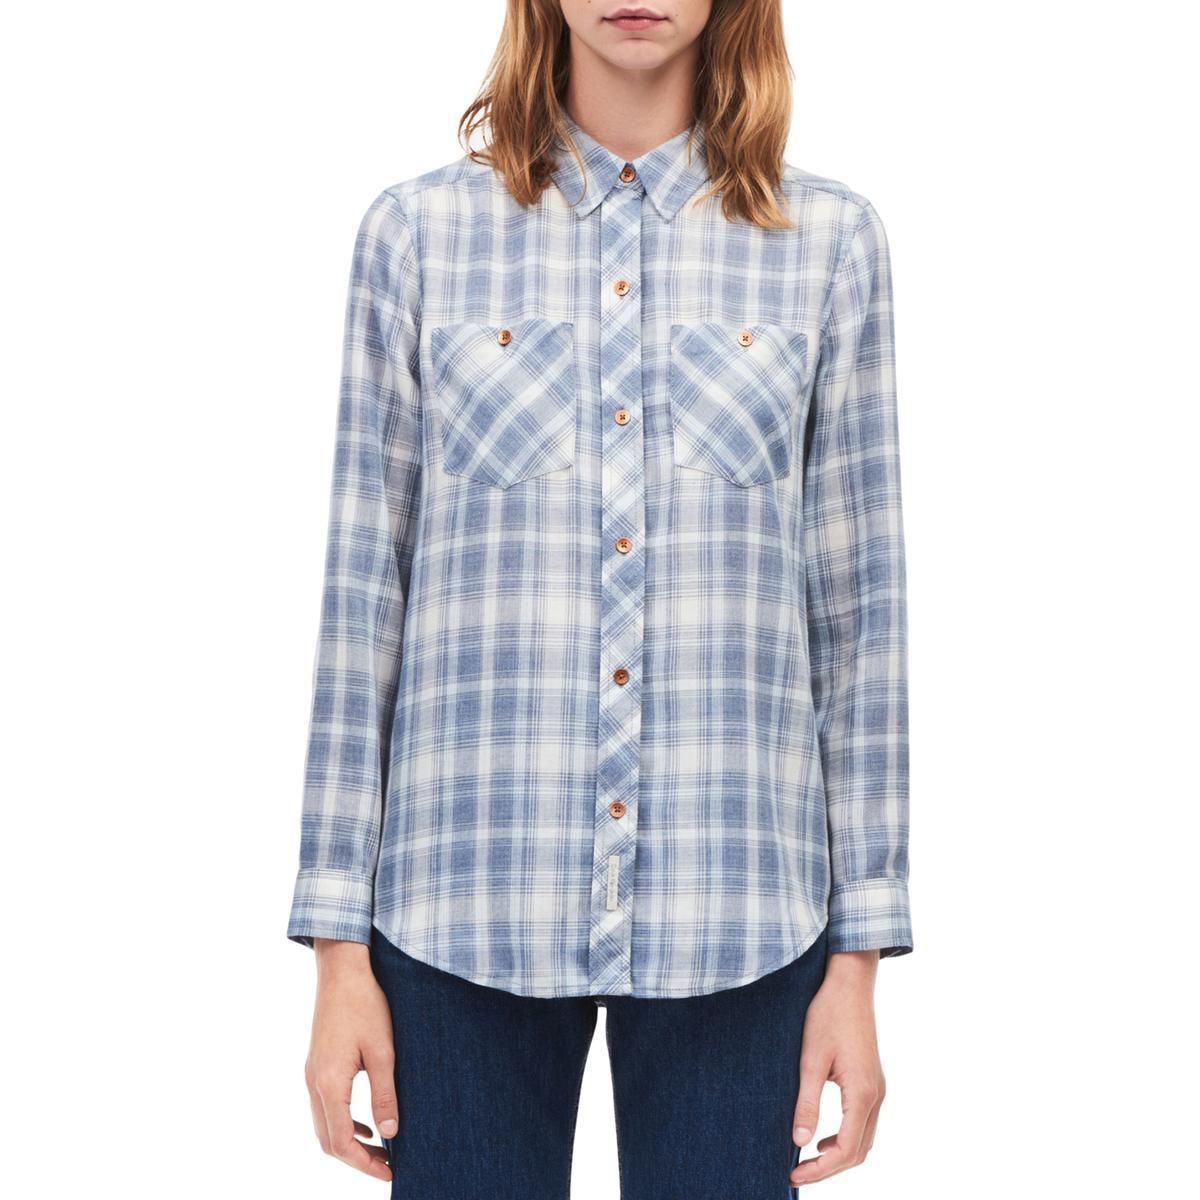 f3a302c1ef4e99 Lyst - Calvin Klein Womens Woven Plaid Button-down Top in Blue